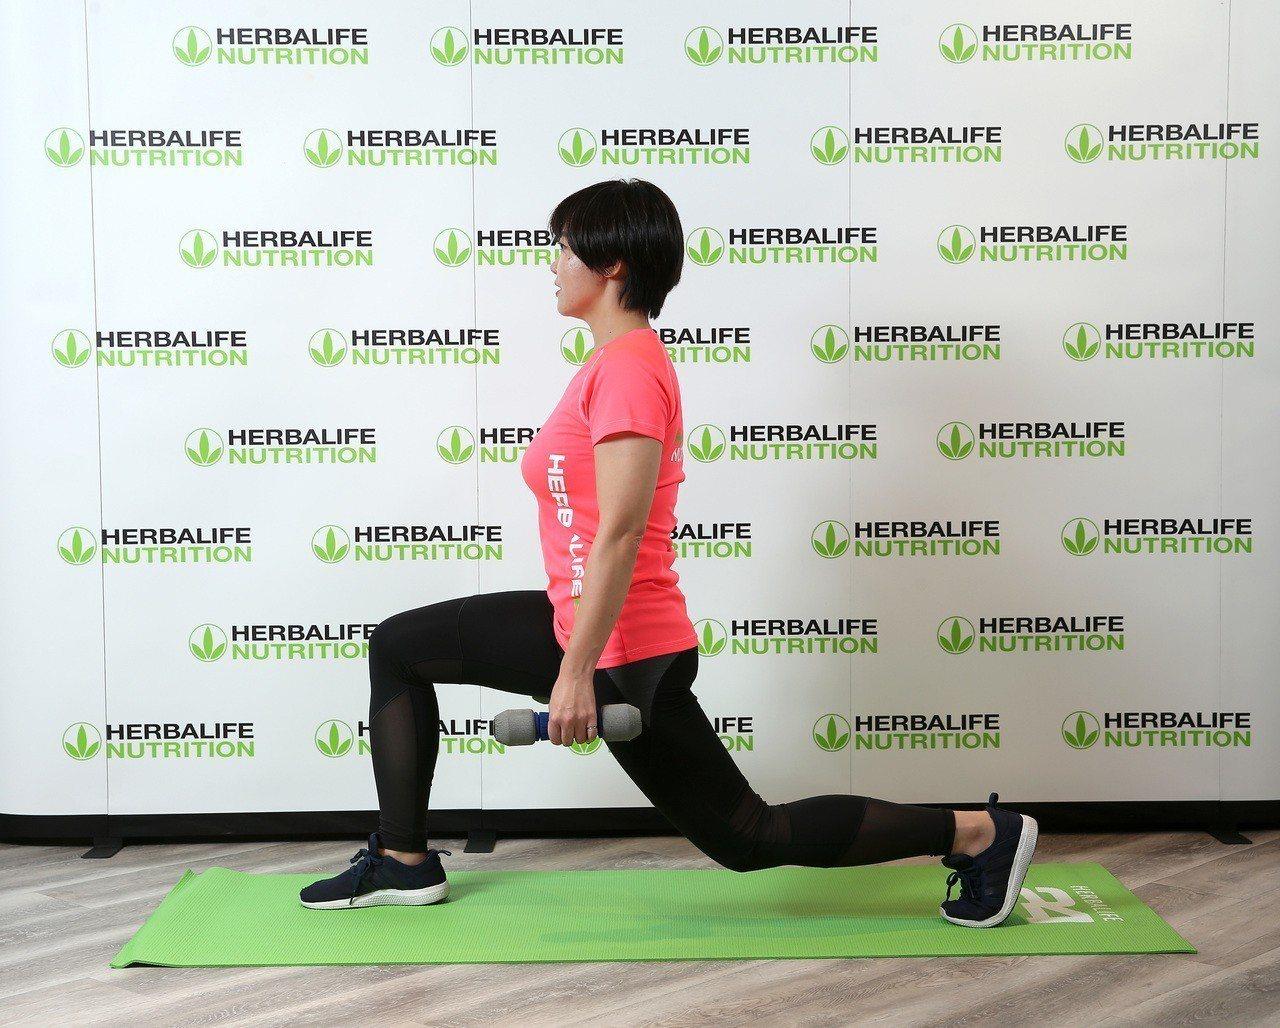 增加肌肉量是維持健康管理的重要關鍵,搭配一周333原則規律運動,並於運動後半小時...